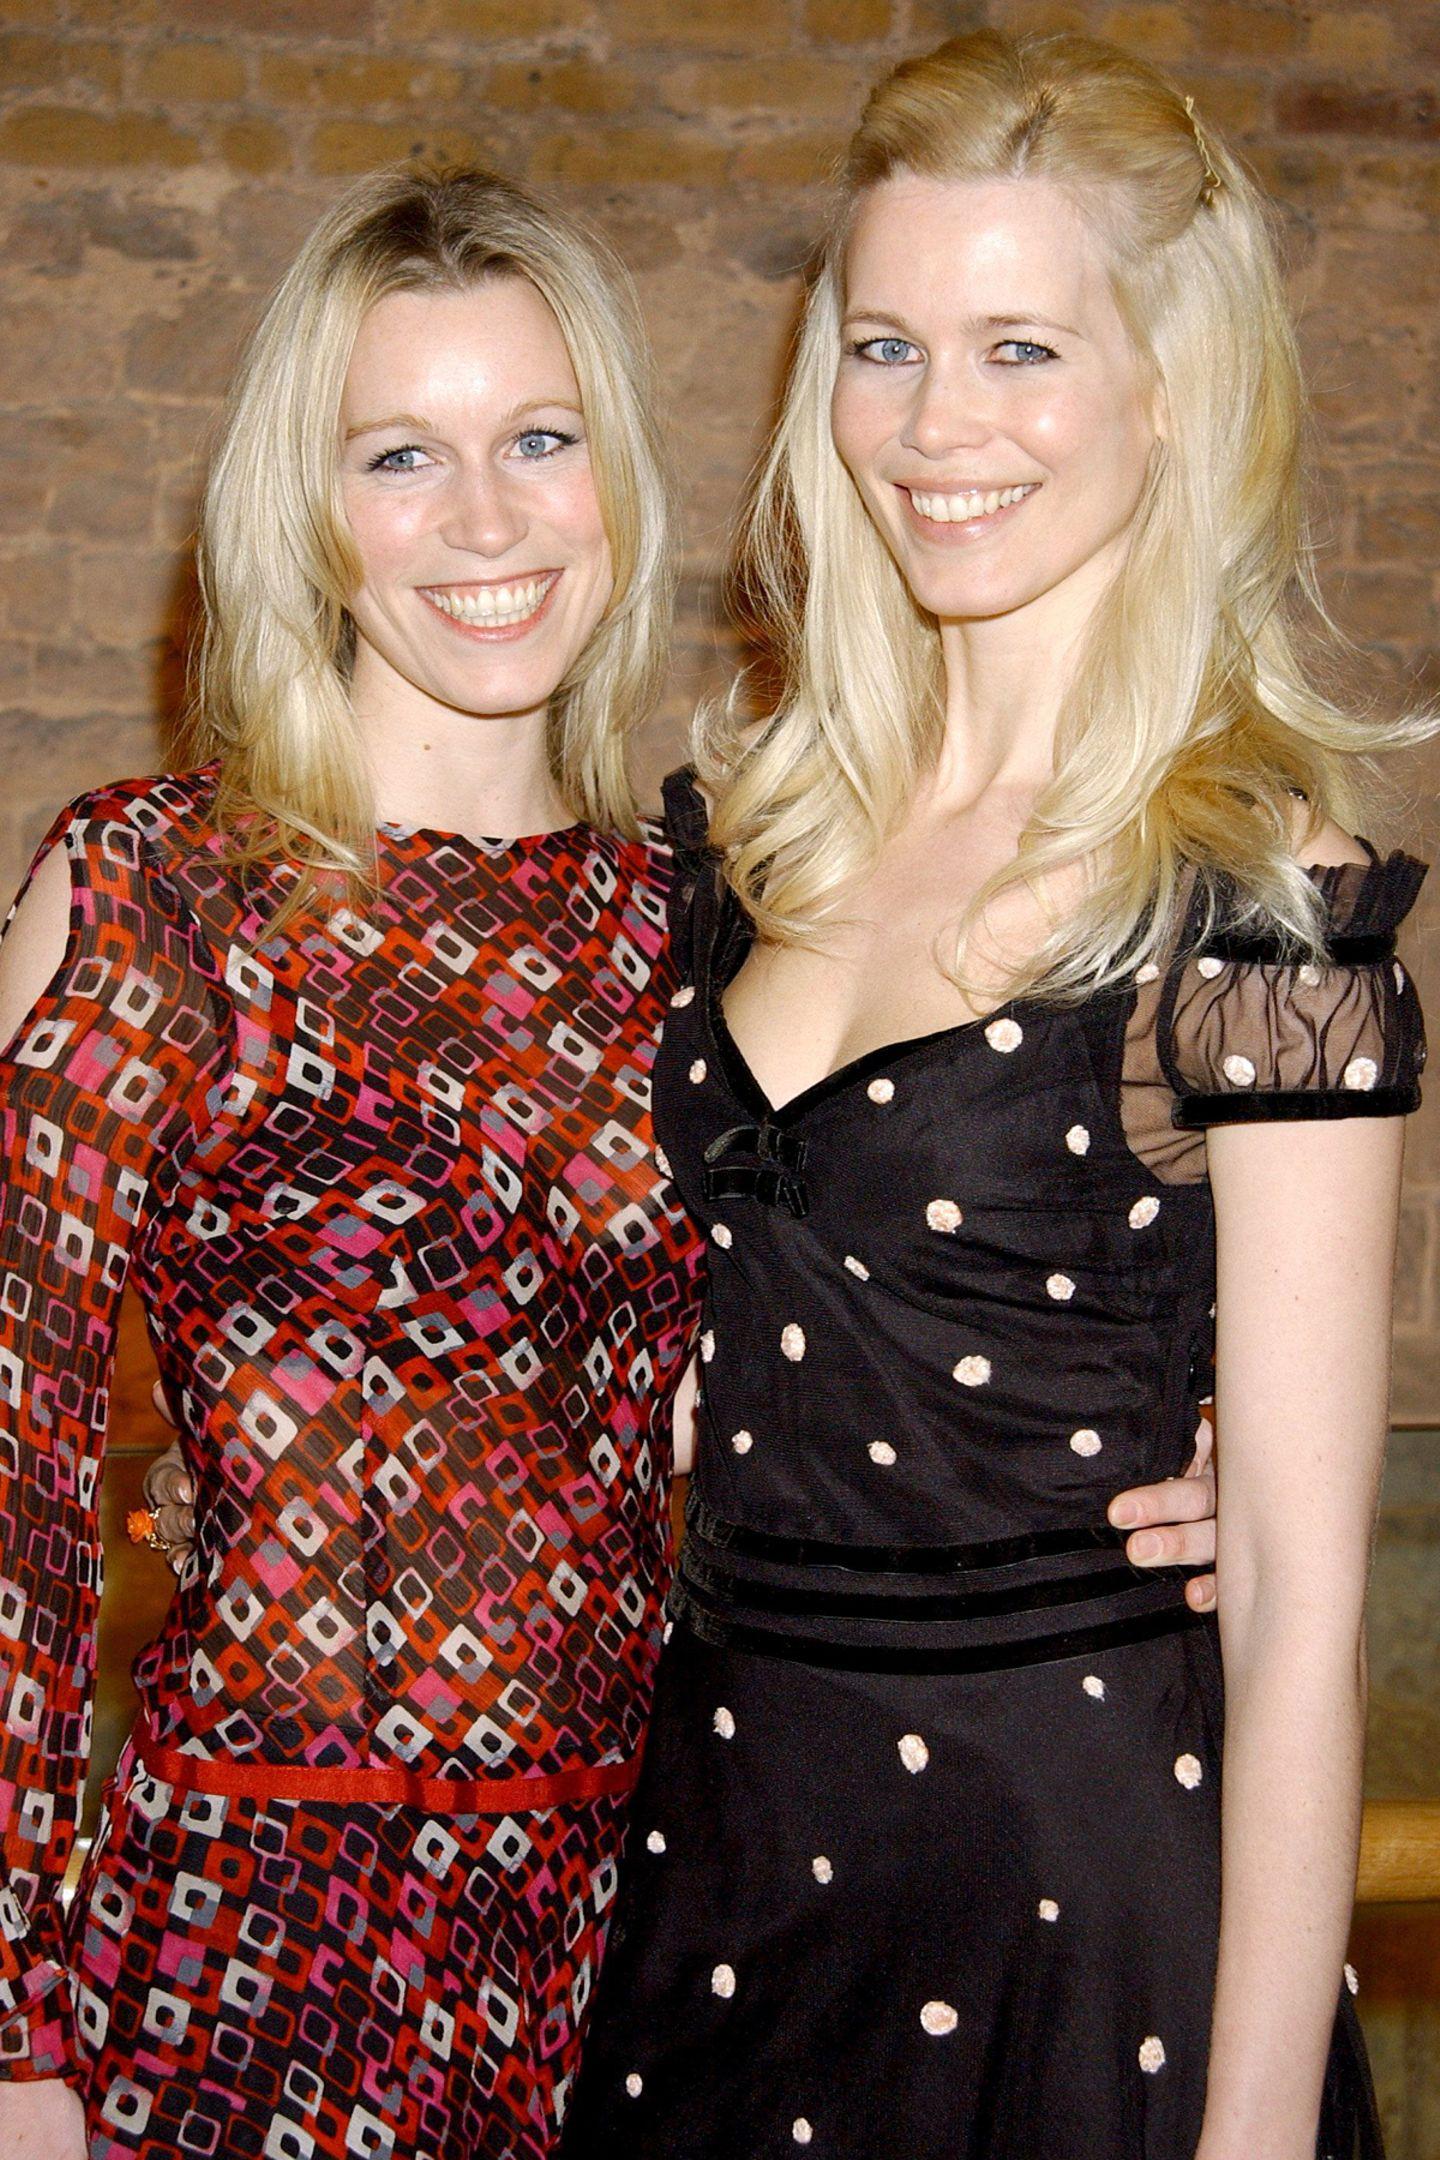 Claudia und Ann Carolin Schiffer  Ebenso blond, dafür aber weniger bekannt als ihre Supermodel Schwester ist Ann Carolin Schiffer. Die Ähnlichkeit ist unübersehbar, und auch nach Claudias Umzug nach London haben die beiden gebürtigen Rheinländerinnen noch immer ein inniges Verhältnis.